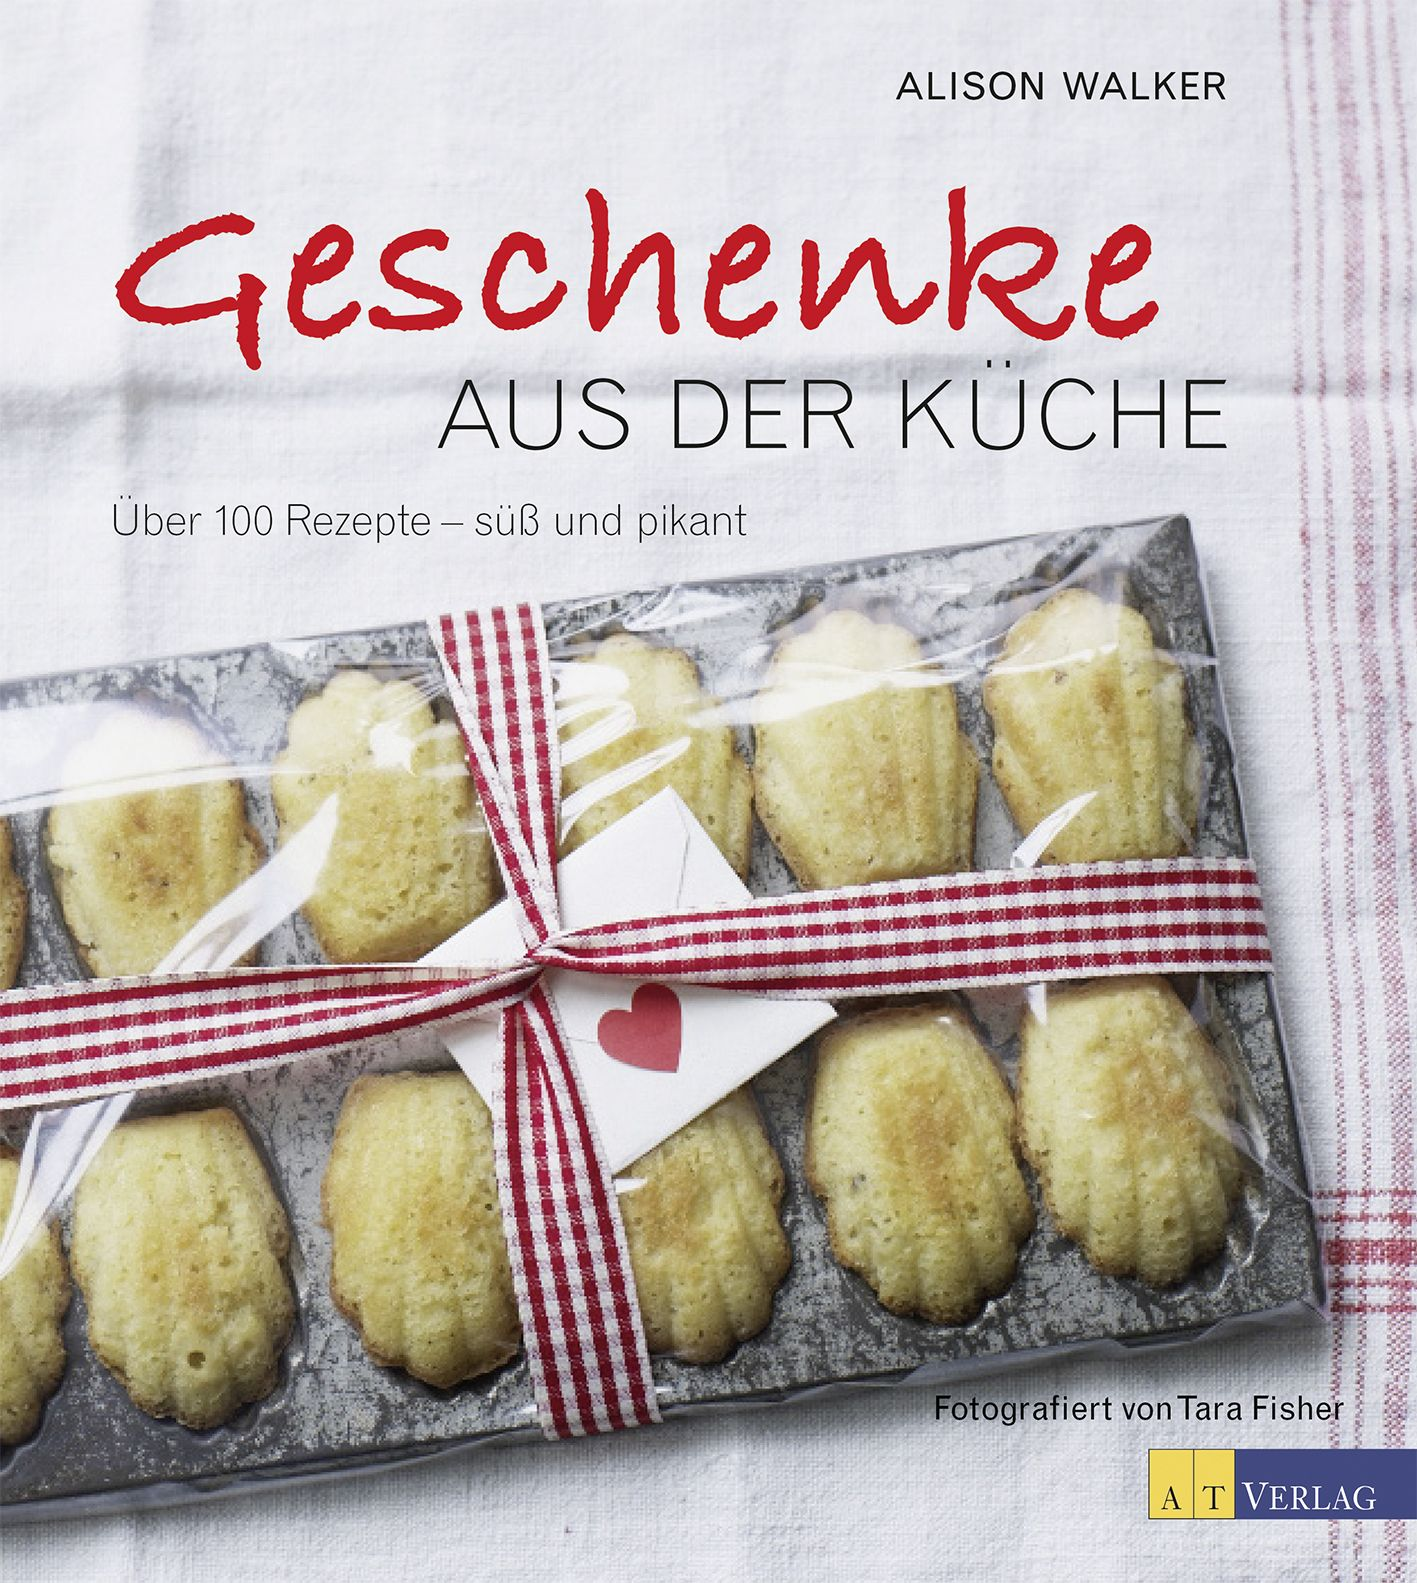 Geschenke aus der Küche: Weihnachtsplätzchen-Kit für Cranberry ...